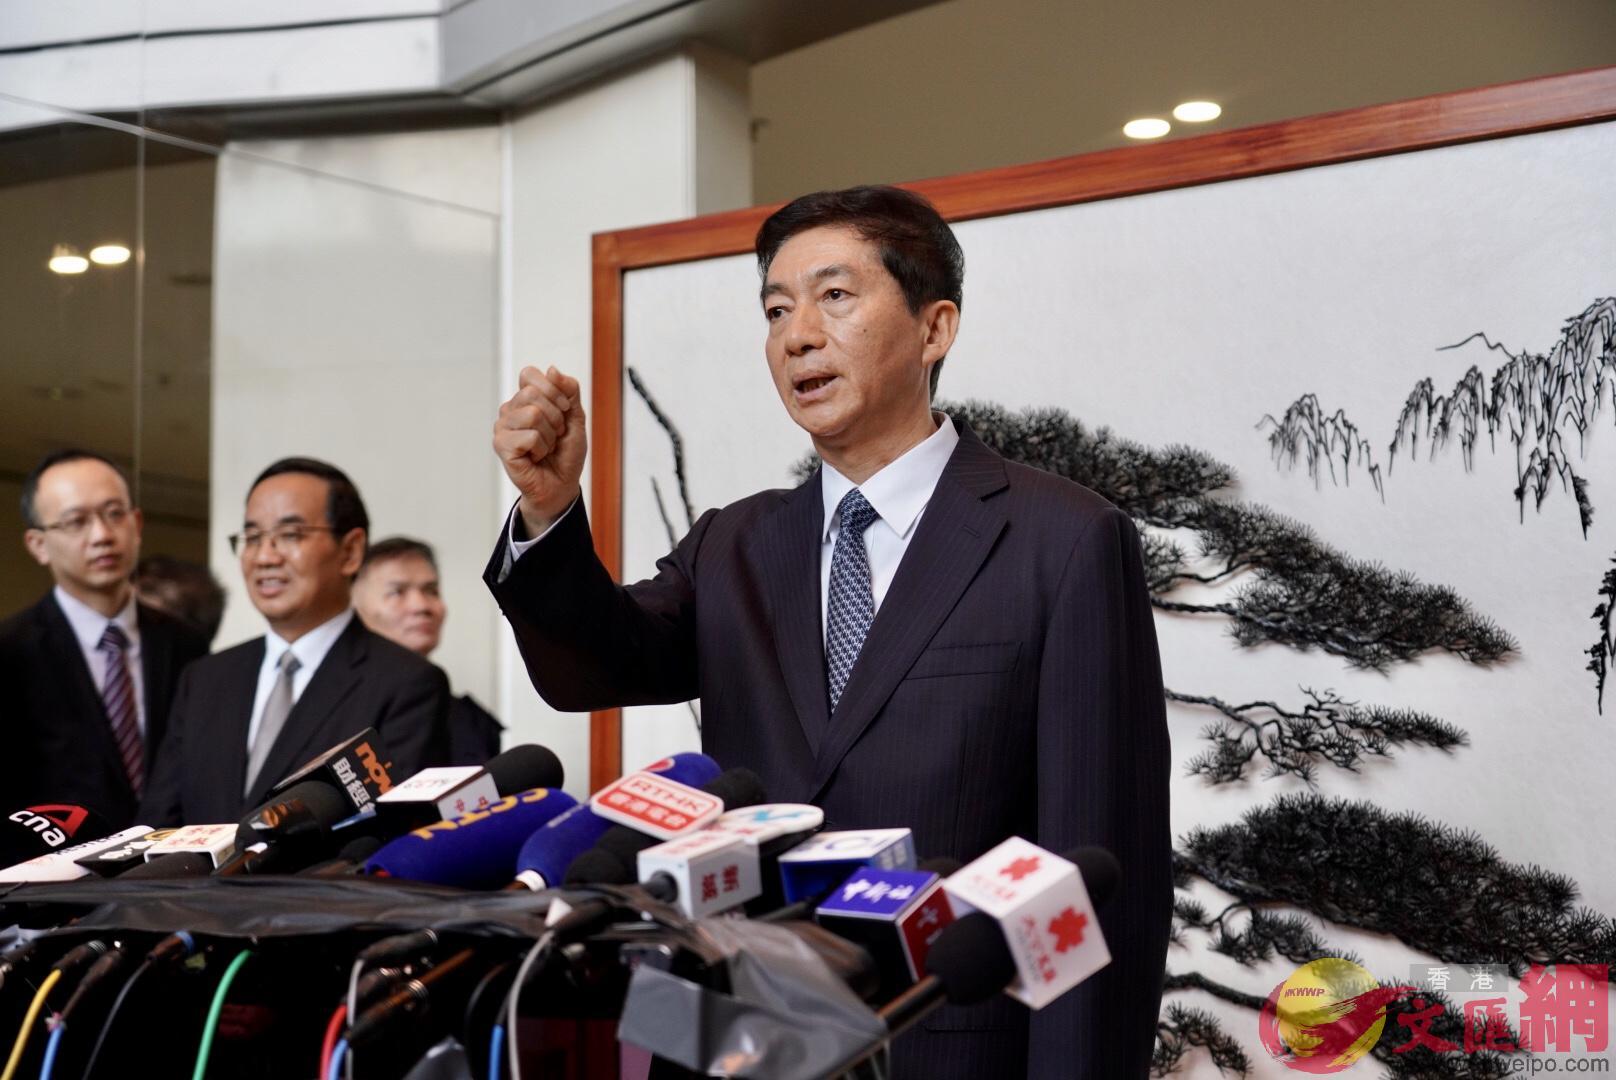 駱惠寧表示,自己會帶着對香港的真誠和真情做好工作。(大公文匯全媒體記者李湃豐圖)